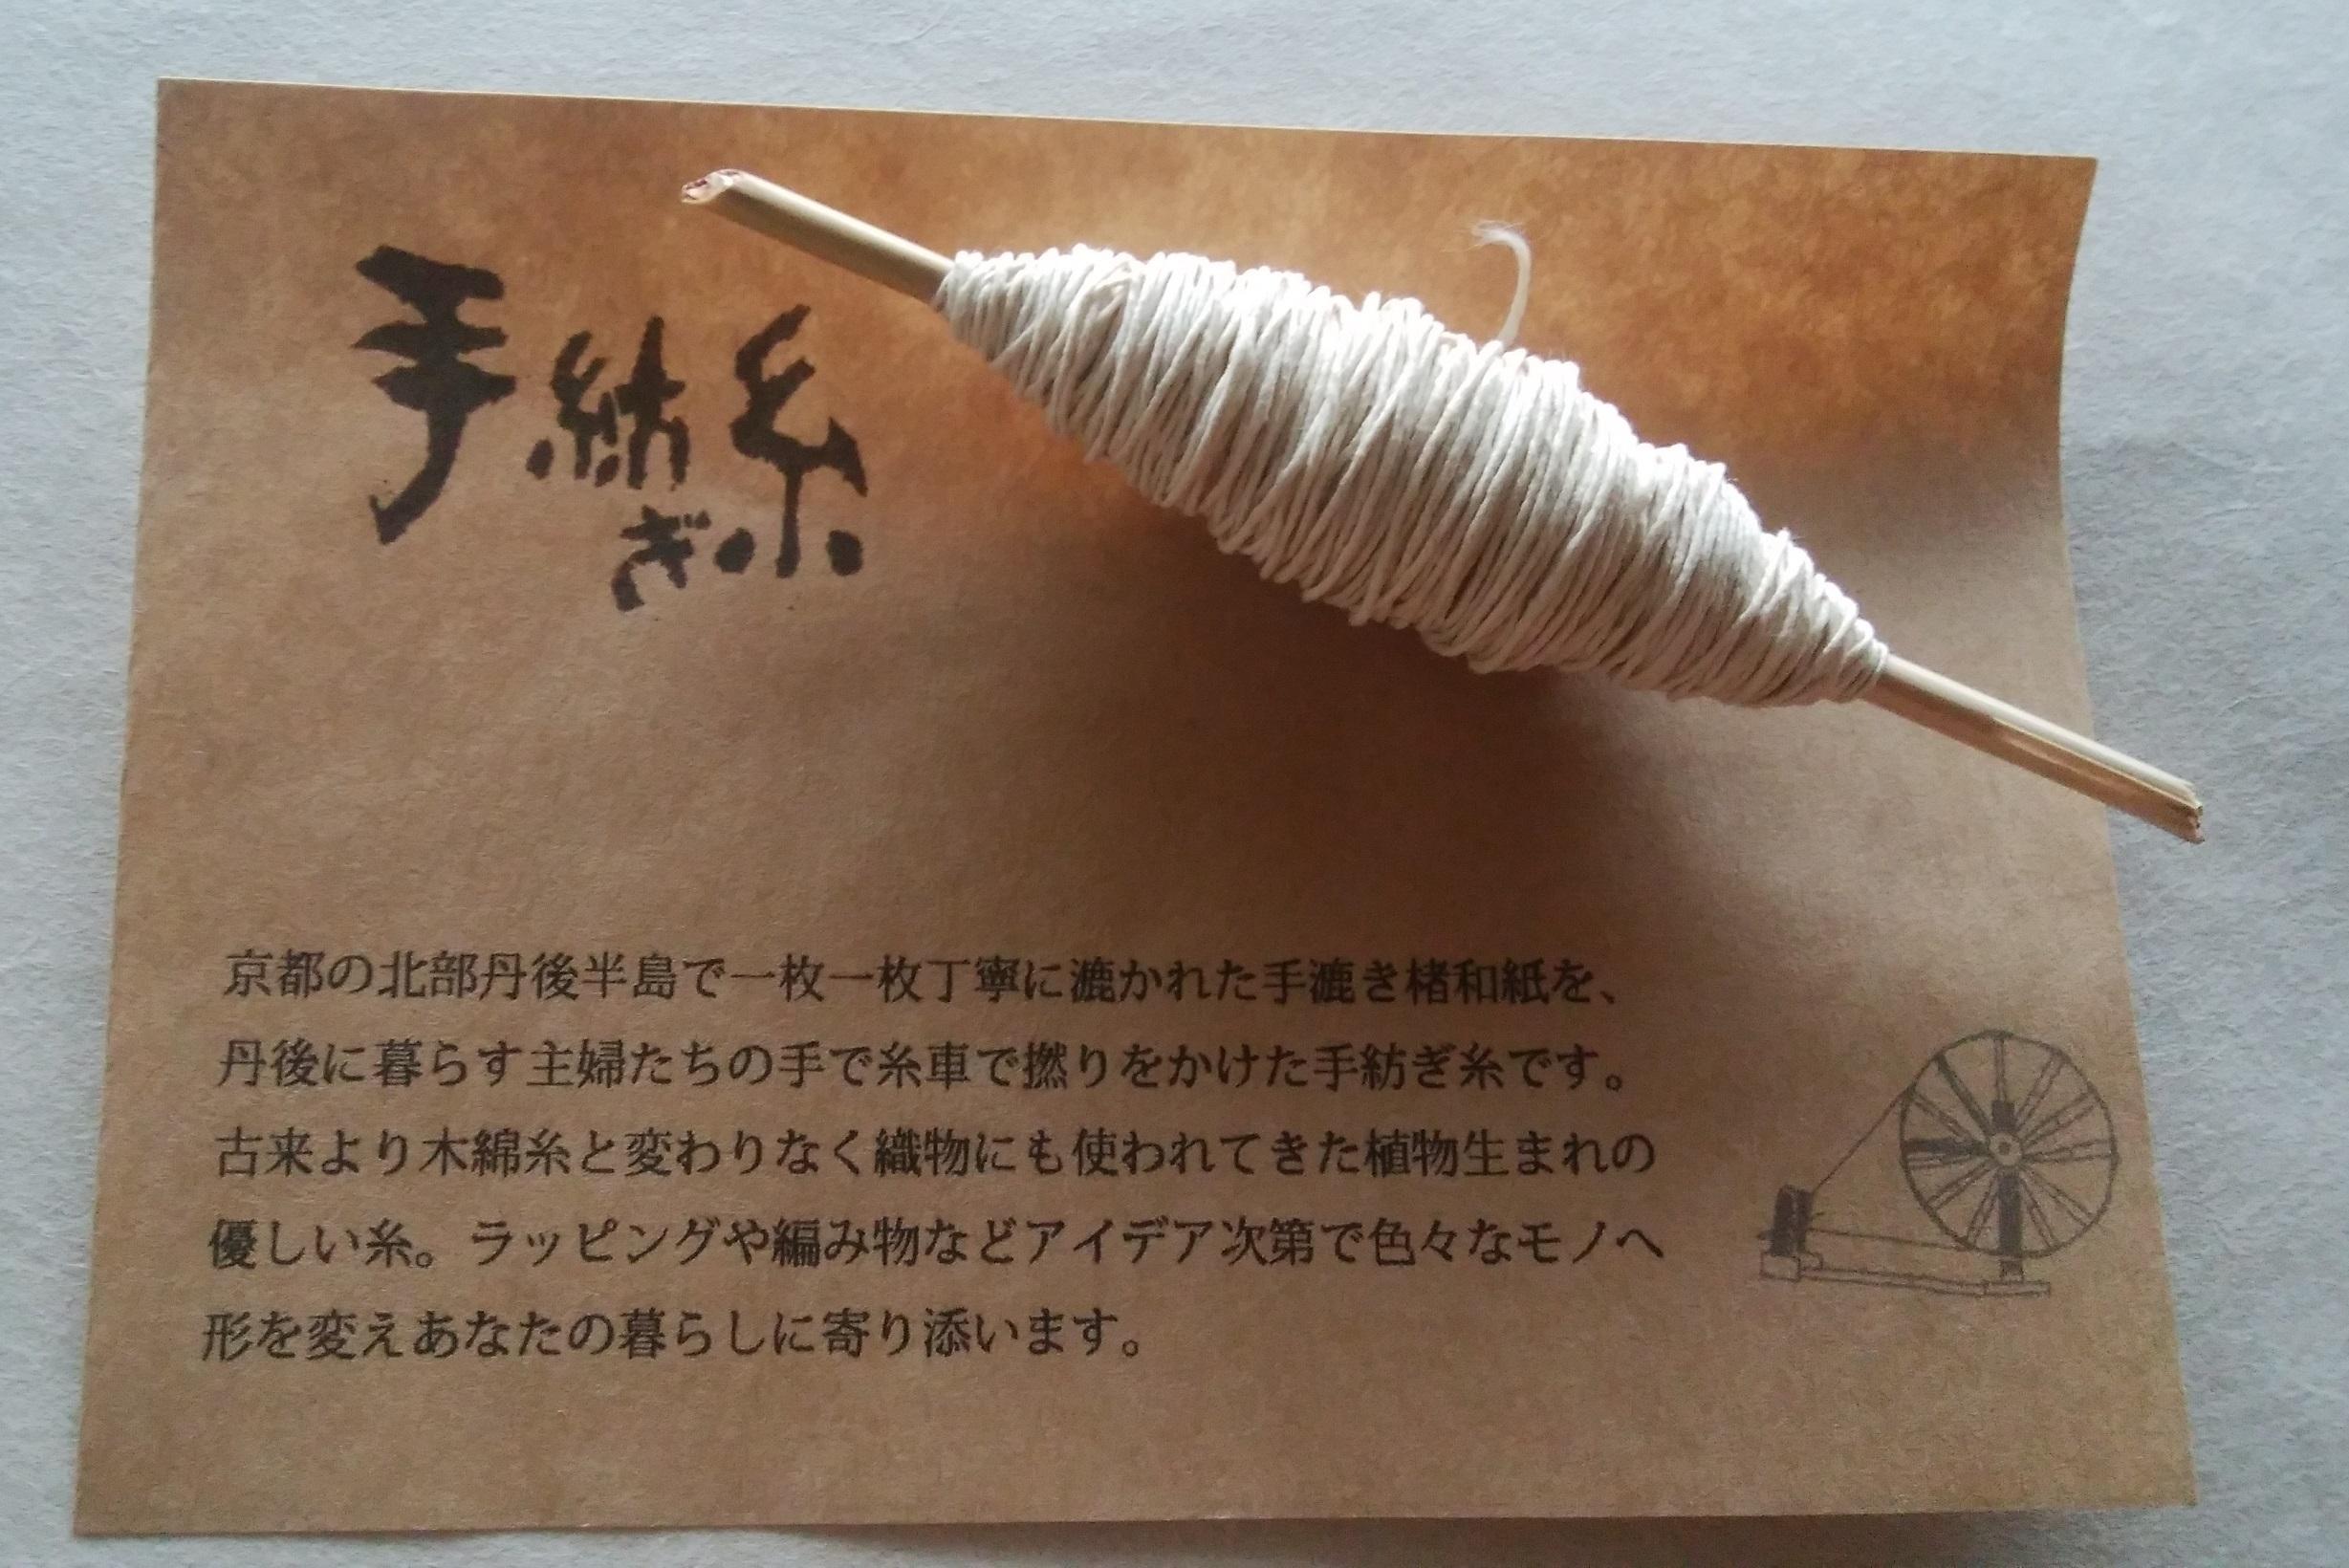 【いとをかし】和紙の手撚り糸